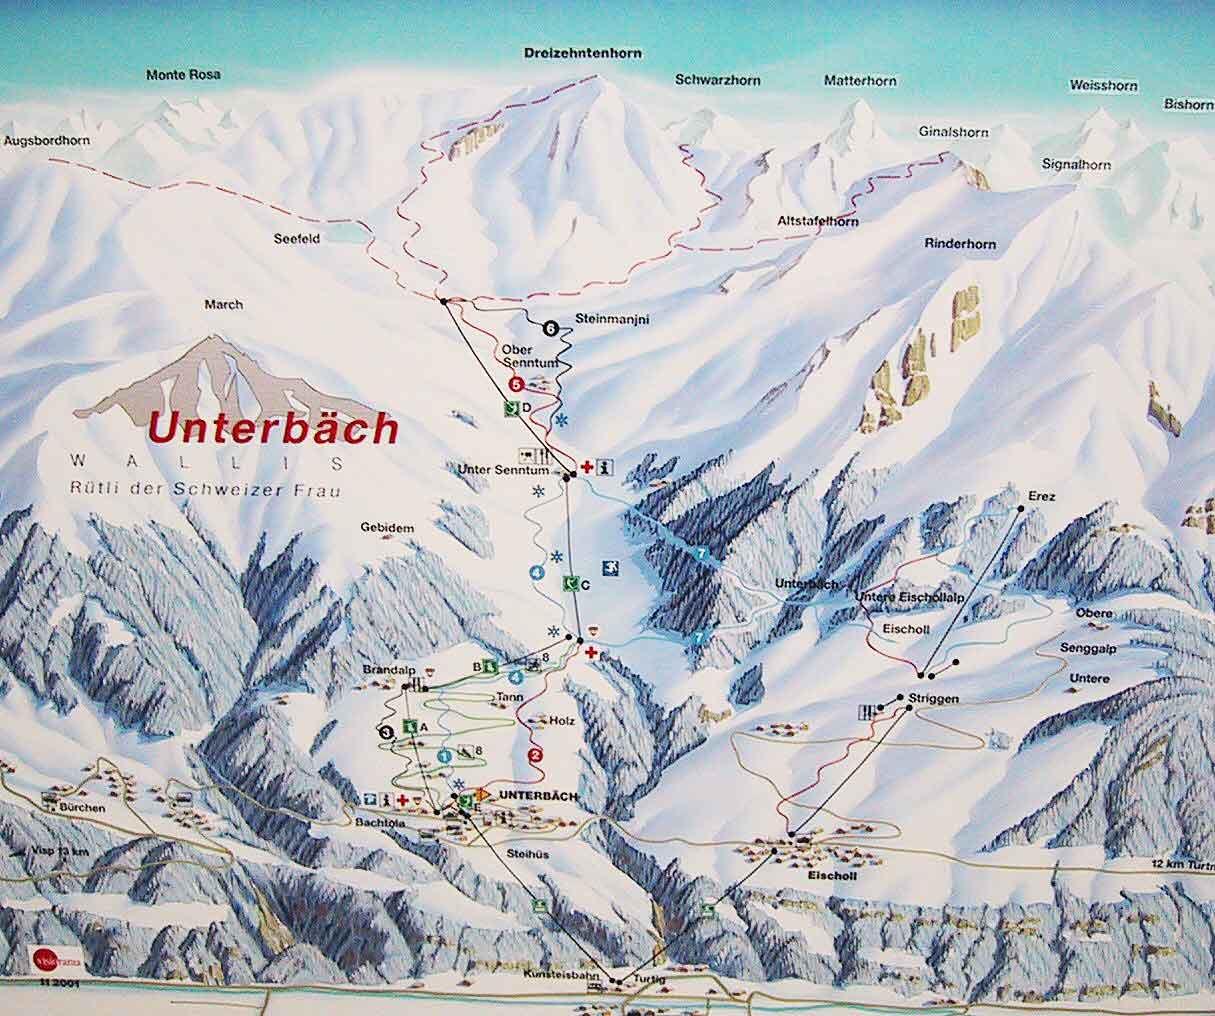 Lyžařská mapa sjezdovek areálu Unterbäch